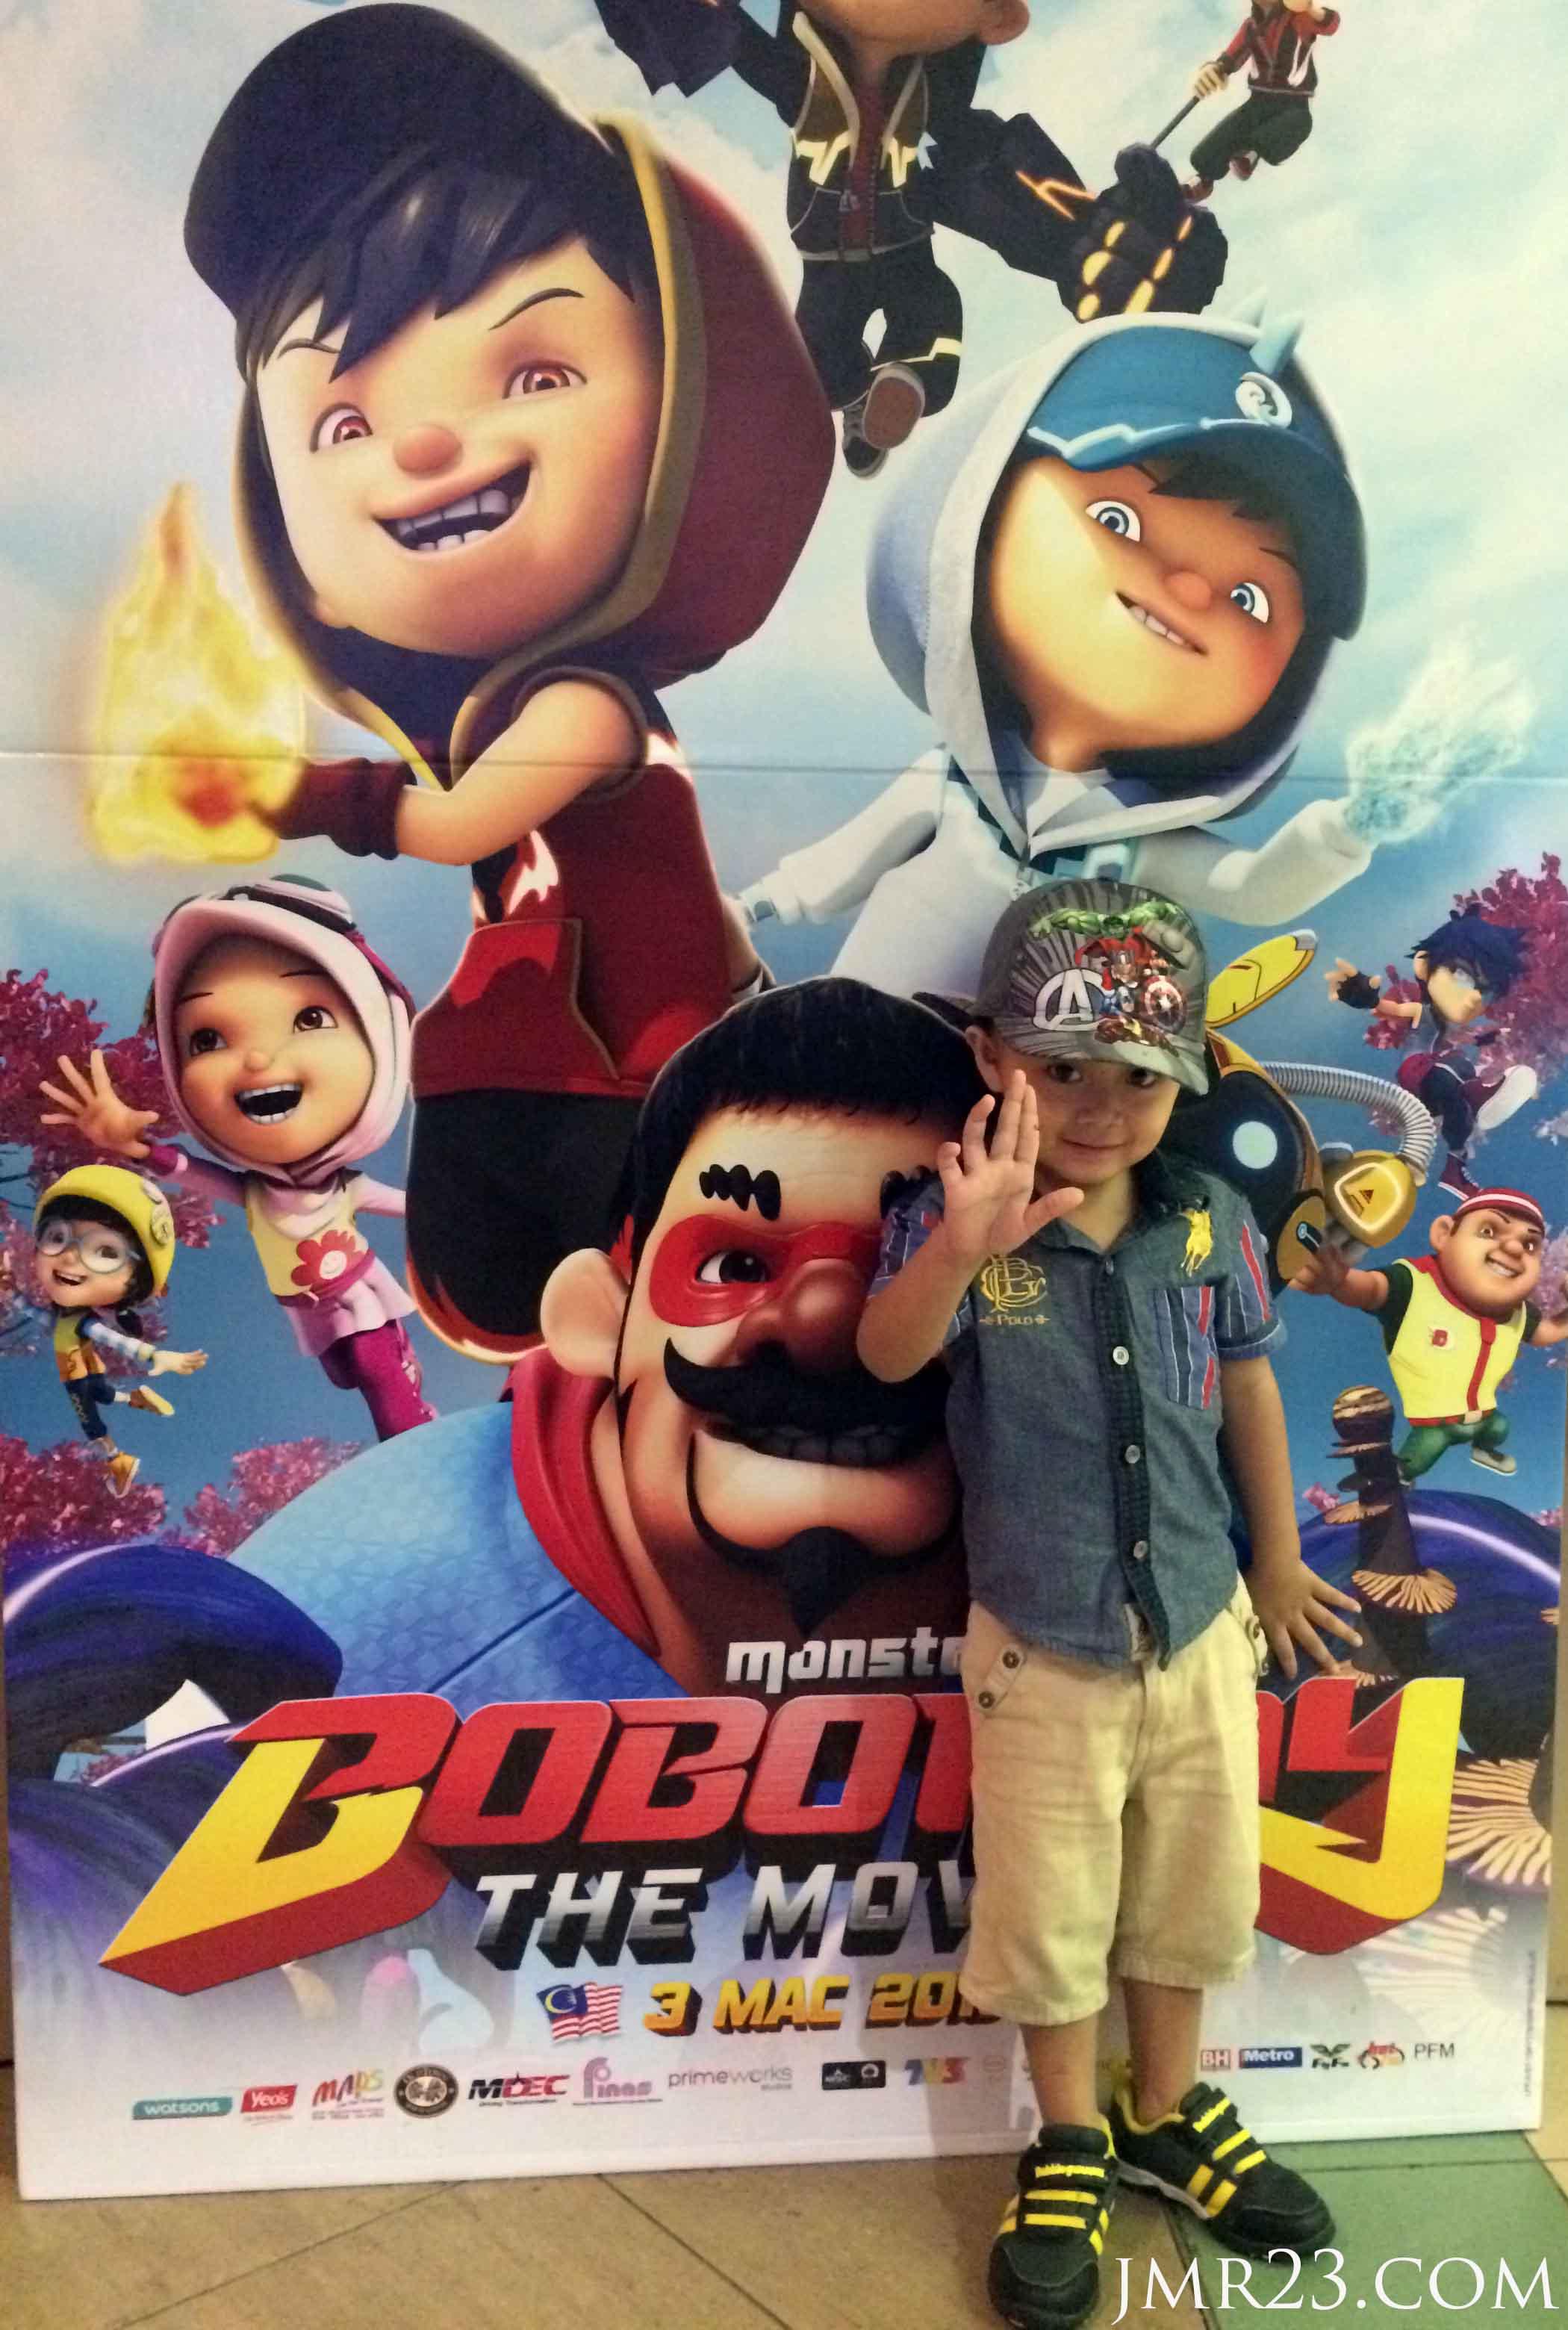 boboiboiy-the-movie